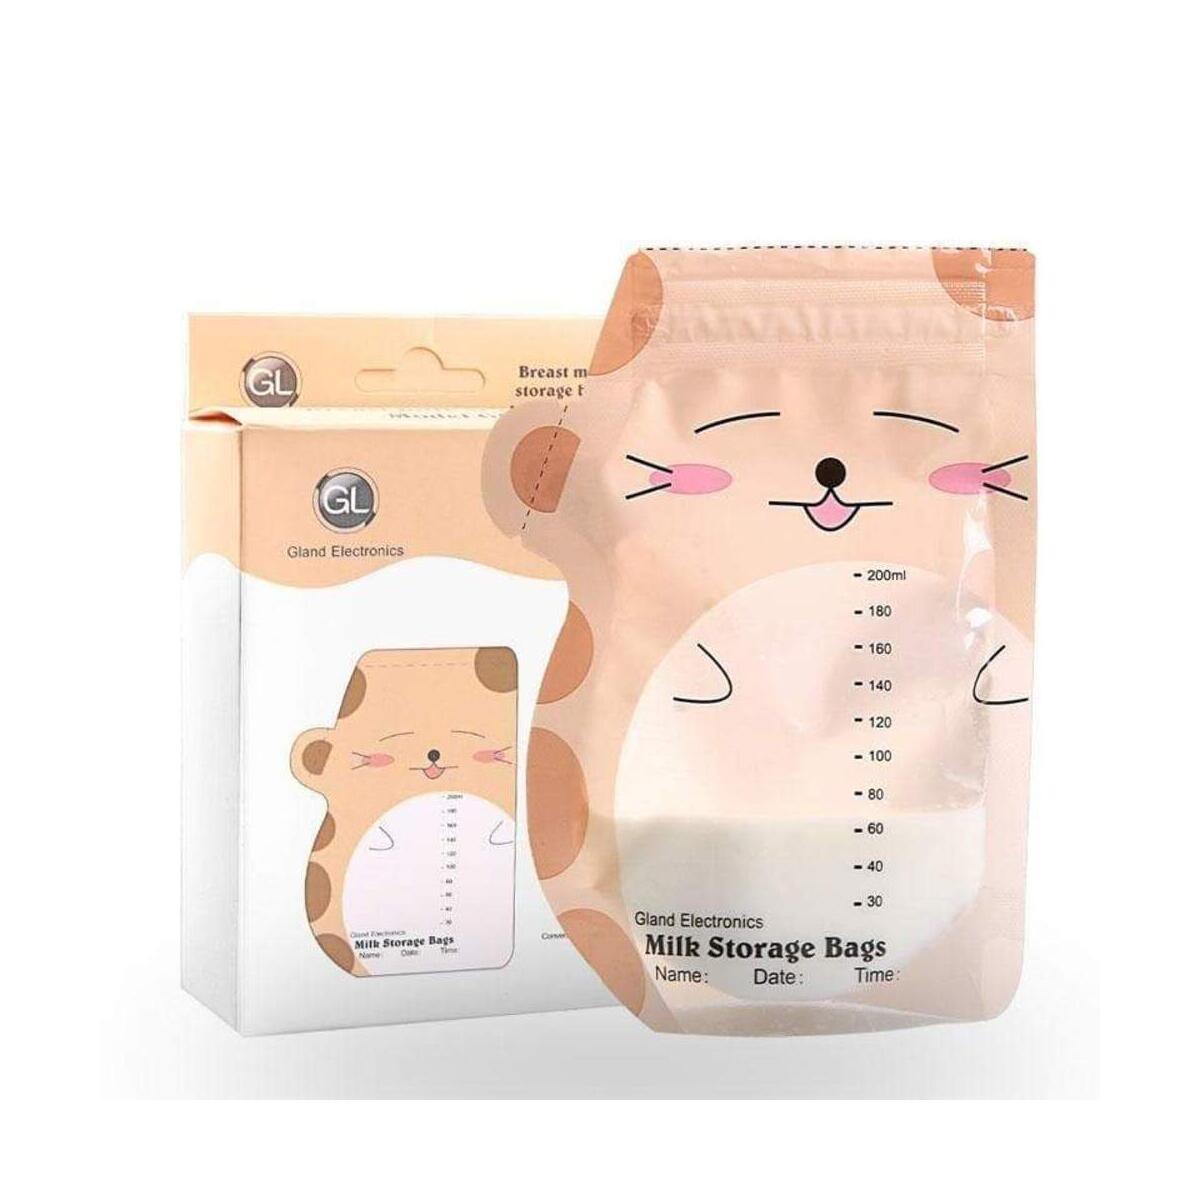 Breast milk storage Zip Top bag